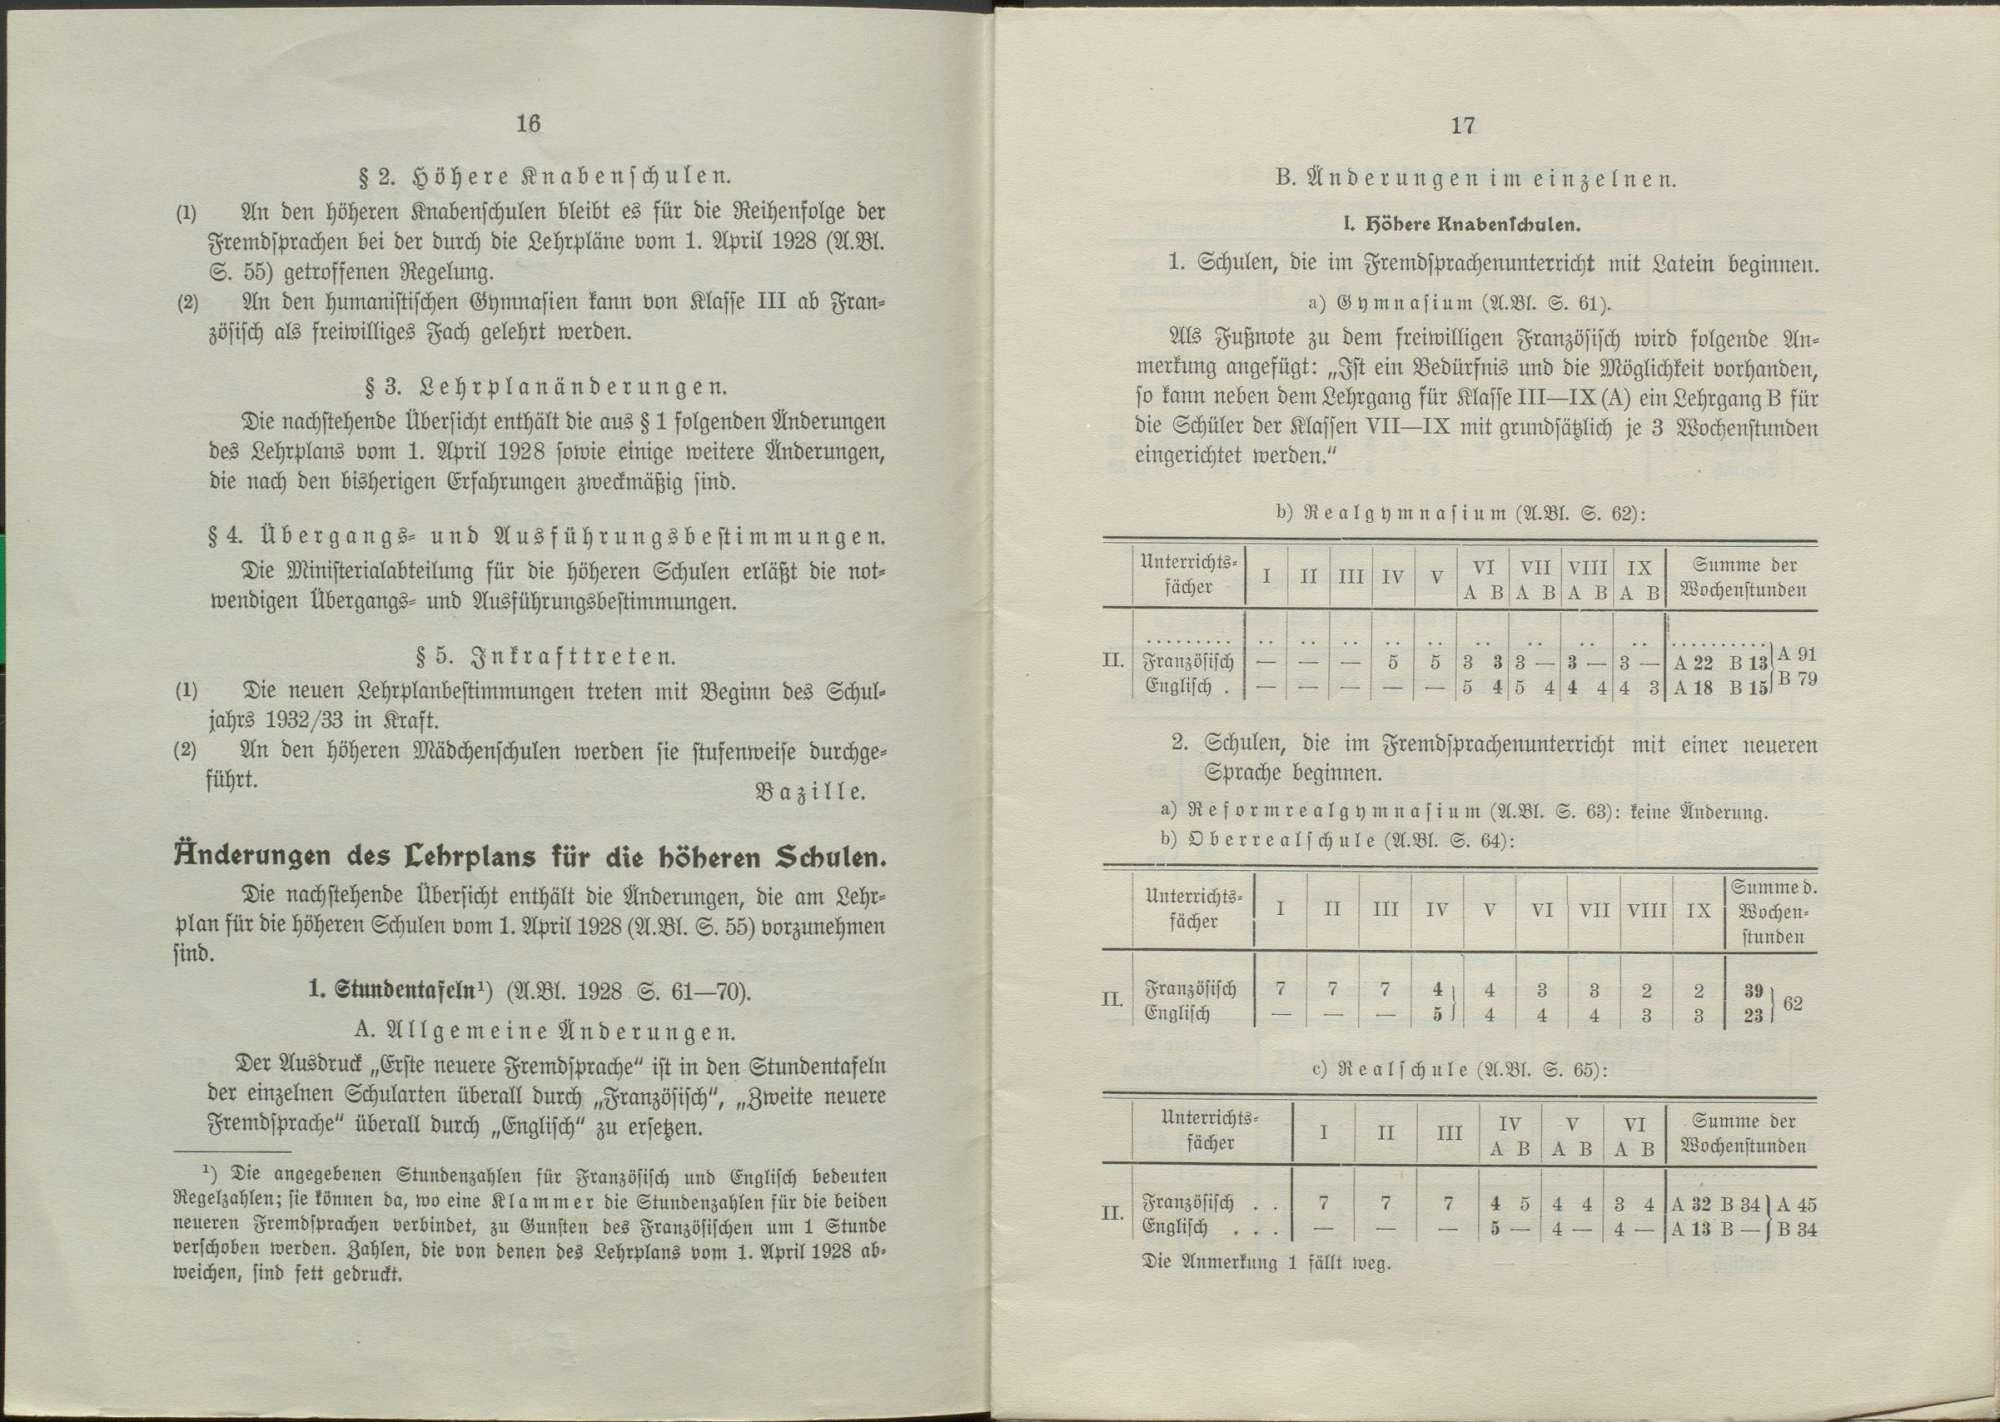 Lehrplan und Lehrplanreform an den höheren Schulen, Bild 3